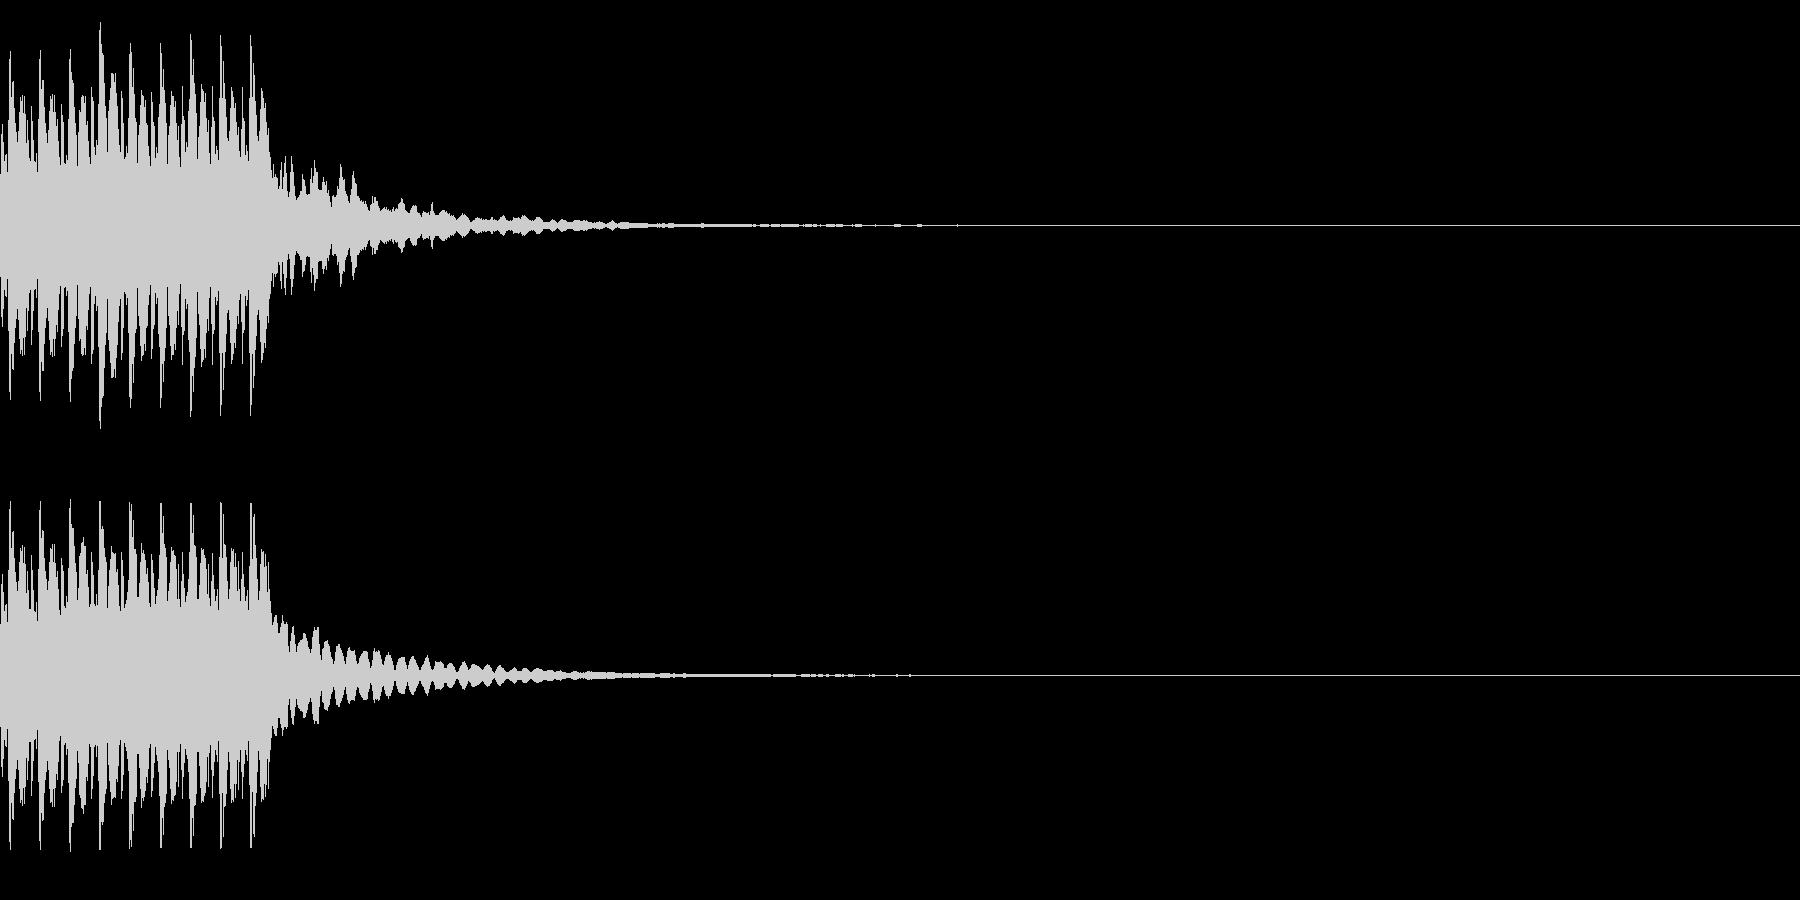 コイン9枚獲得 ゲット チャリンの未再生の波形